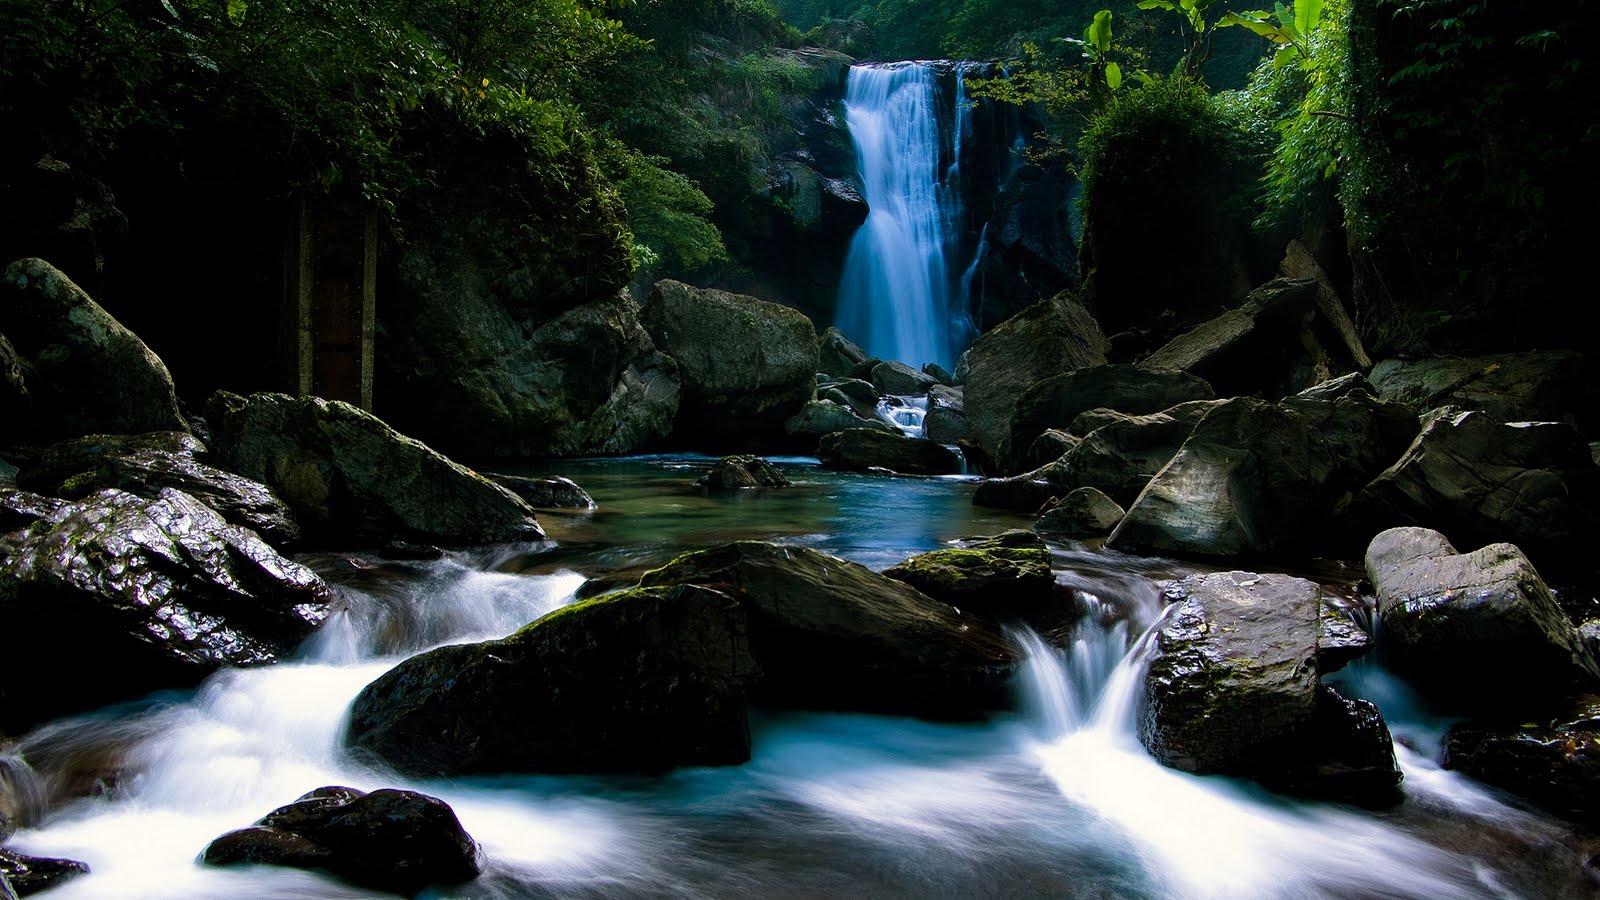 http://2.bp.blogspot.com/-d4whFduO7s4/Tcb9FTSVi_I/AAAAAAAABNw/-o6OtD3JB_I/s1600/Waterfall_4.jpg